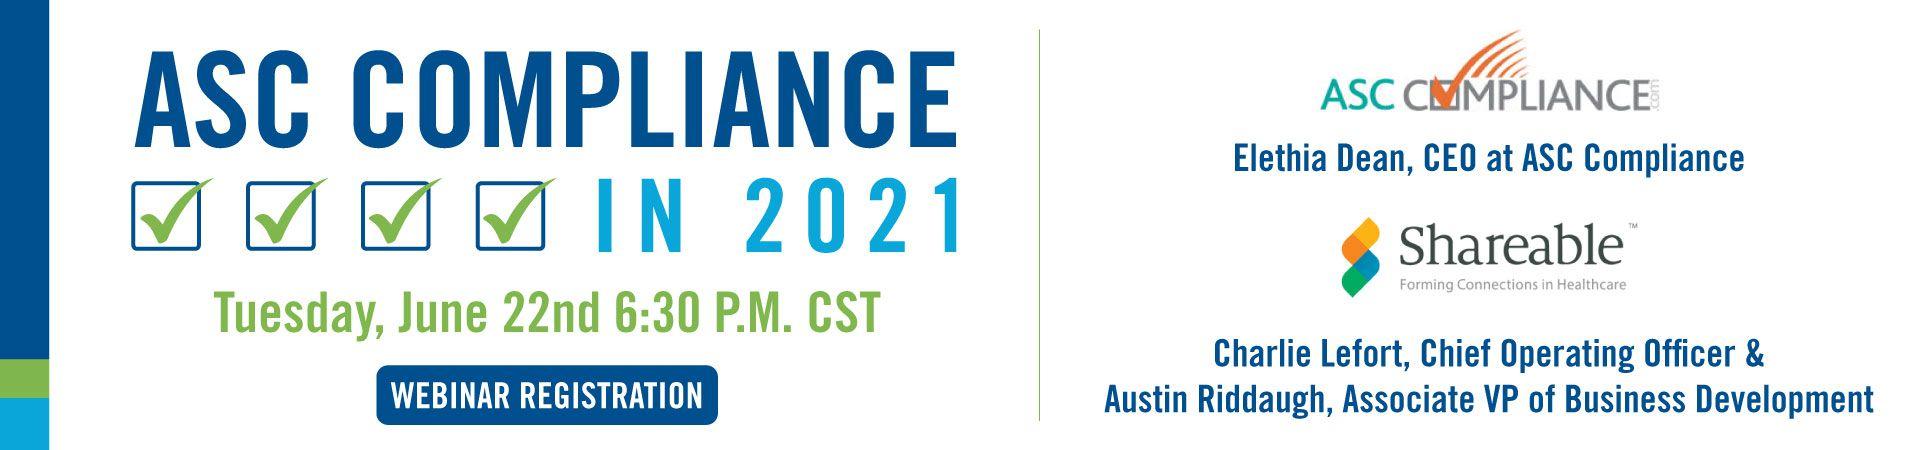 ASC Compliance in 2021 Webinar